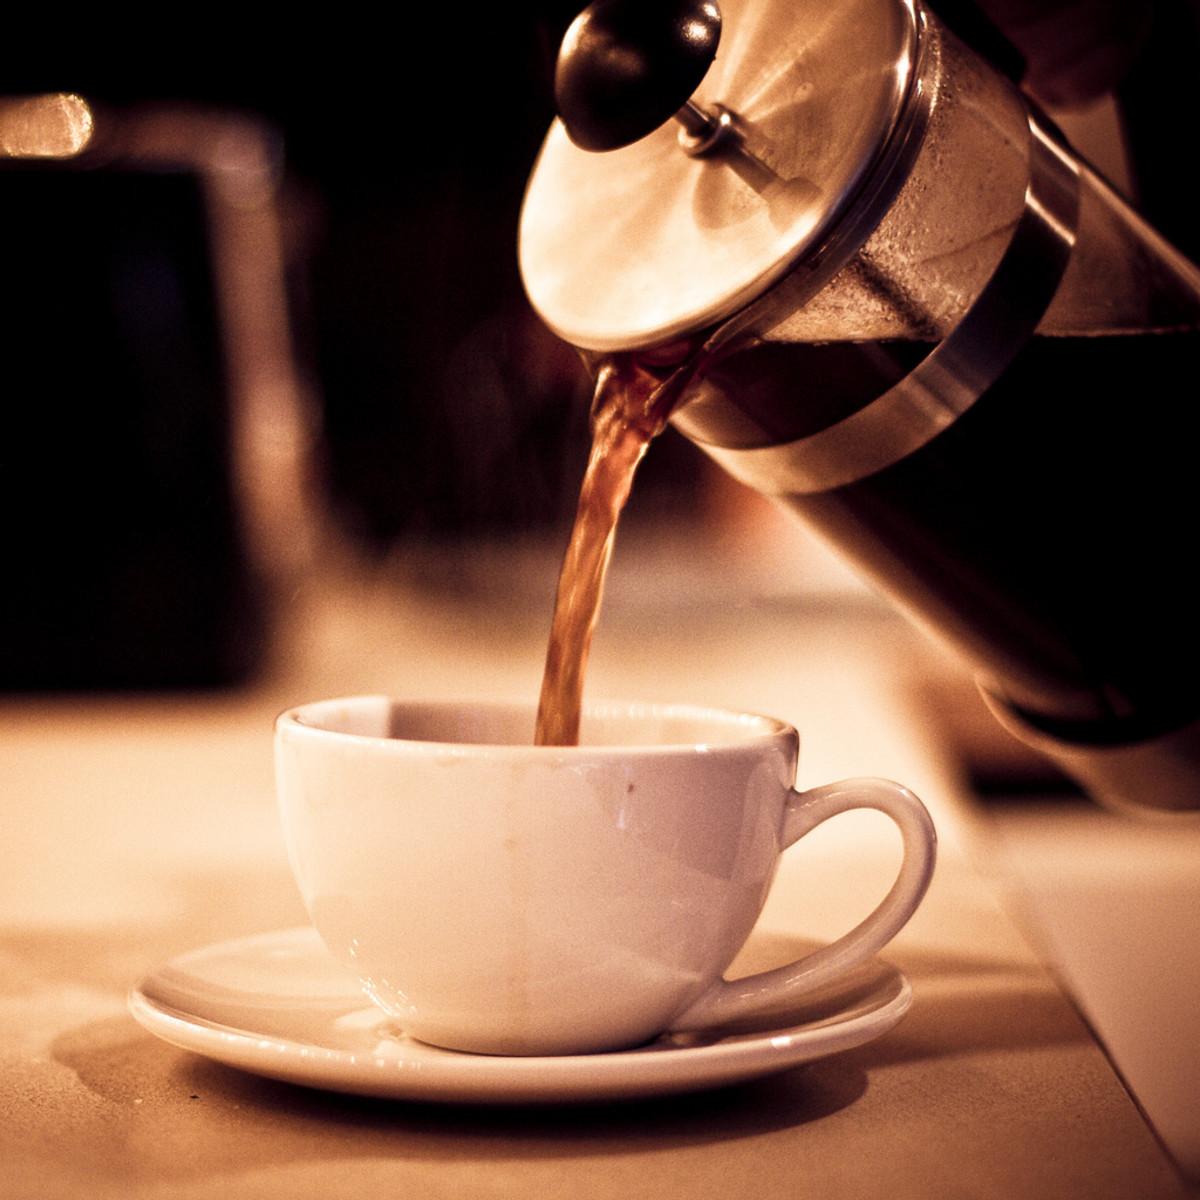 Что могут подсыпать в чай девушке 10 фотография